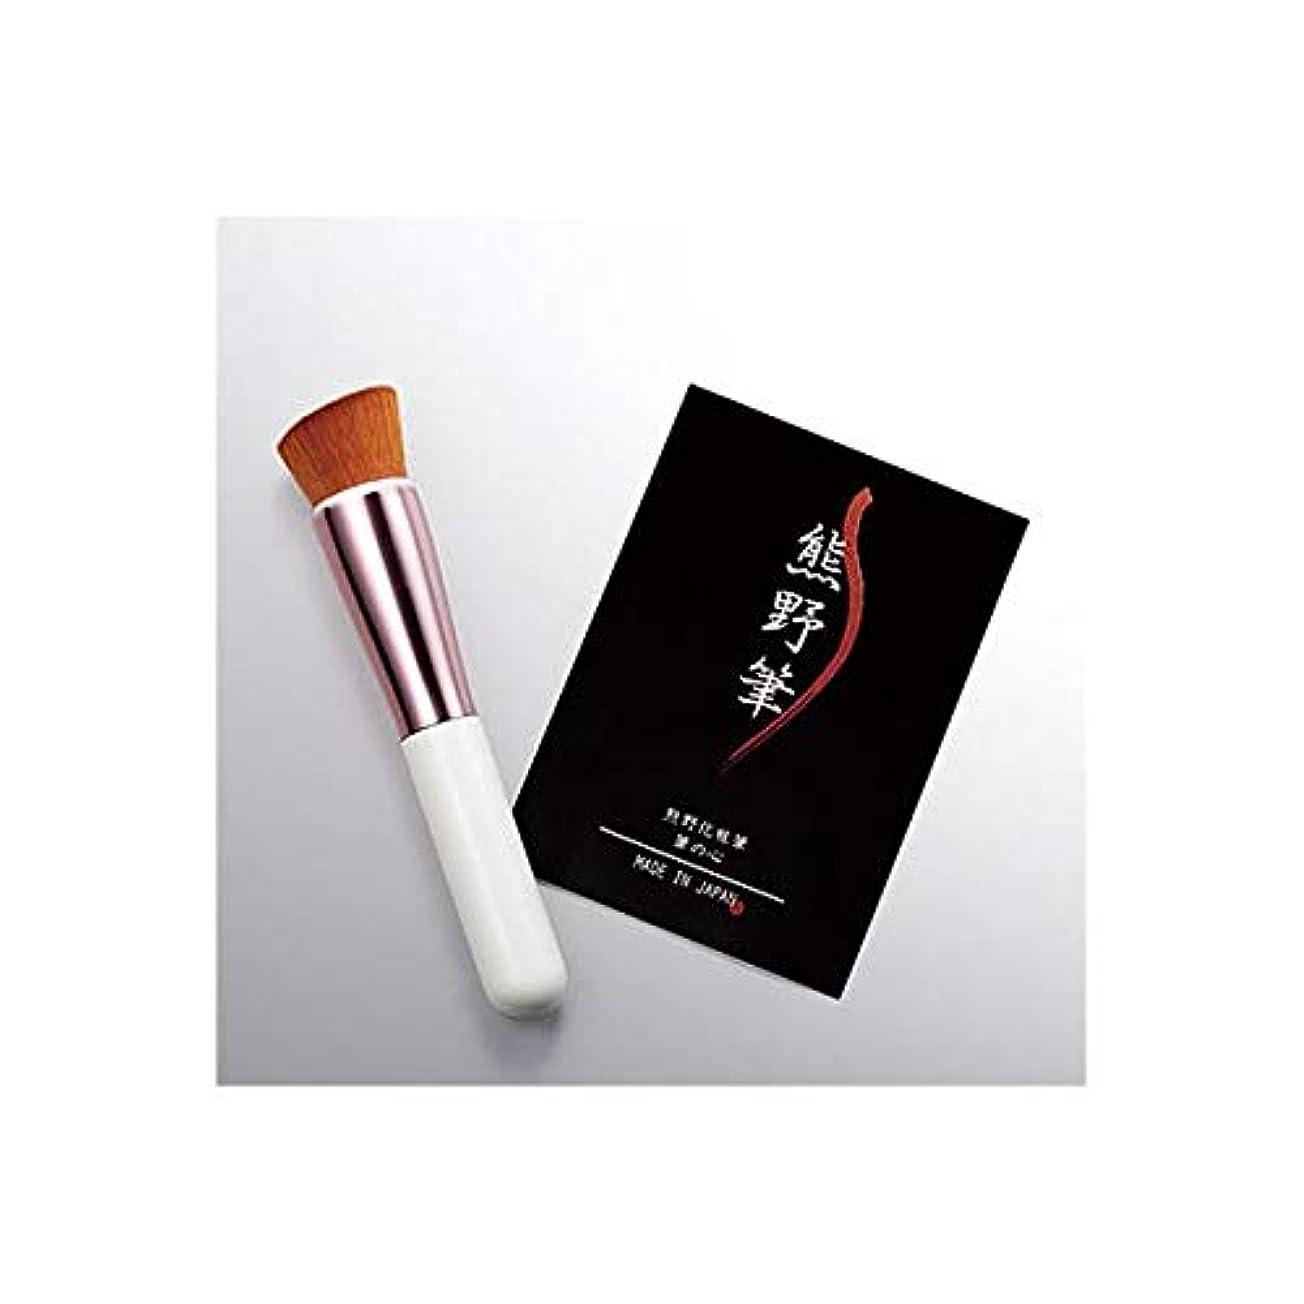 先見の明ペダルテレビ[熊野化粧筆] 筆の心 リキッドブラシ